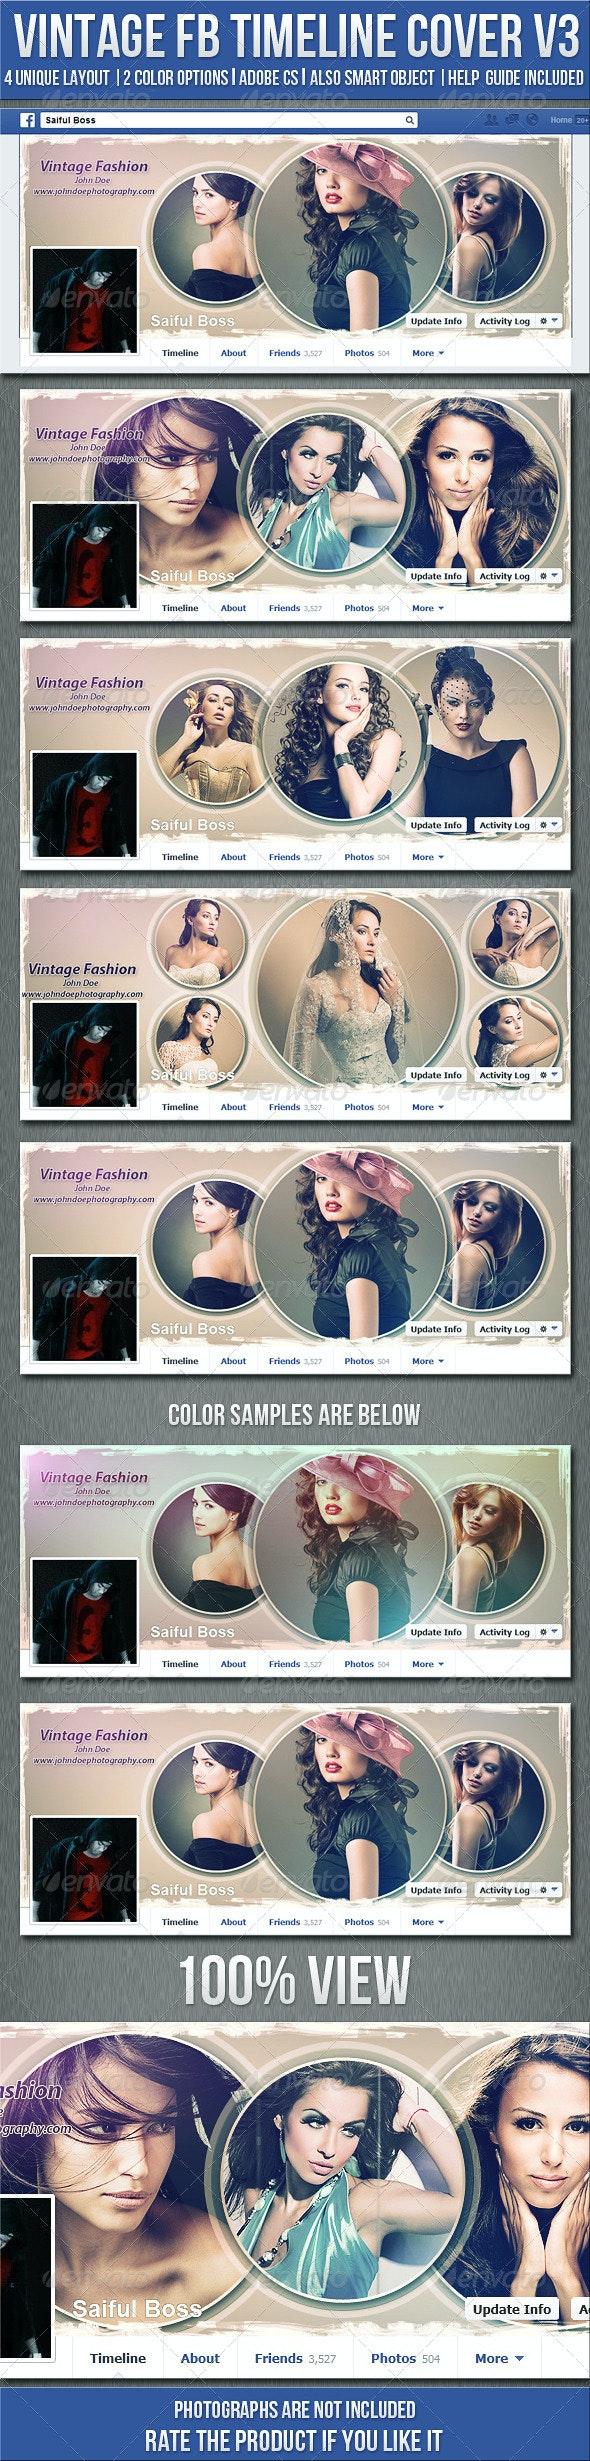 Vintage Photography Facebook Timeline Cover V3 - Facebook Timeline Covers Social Media